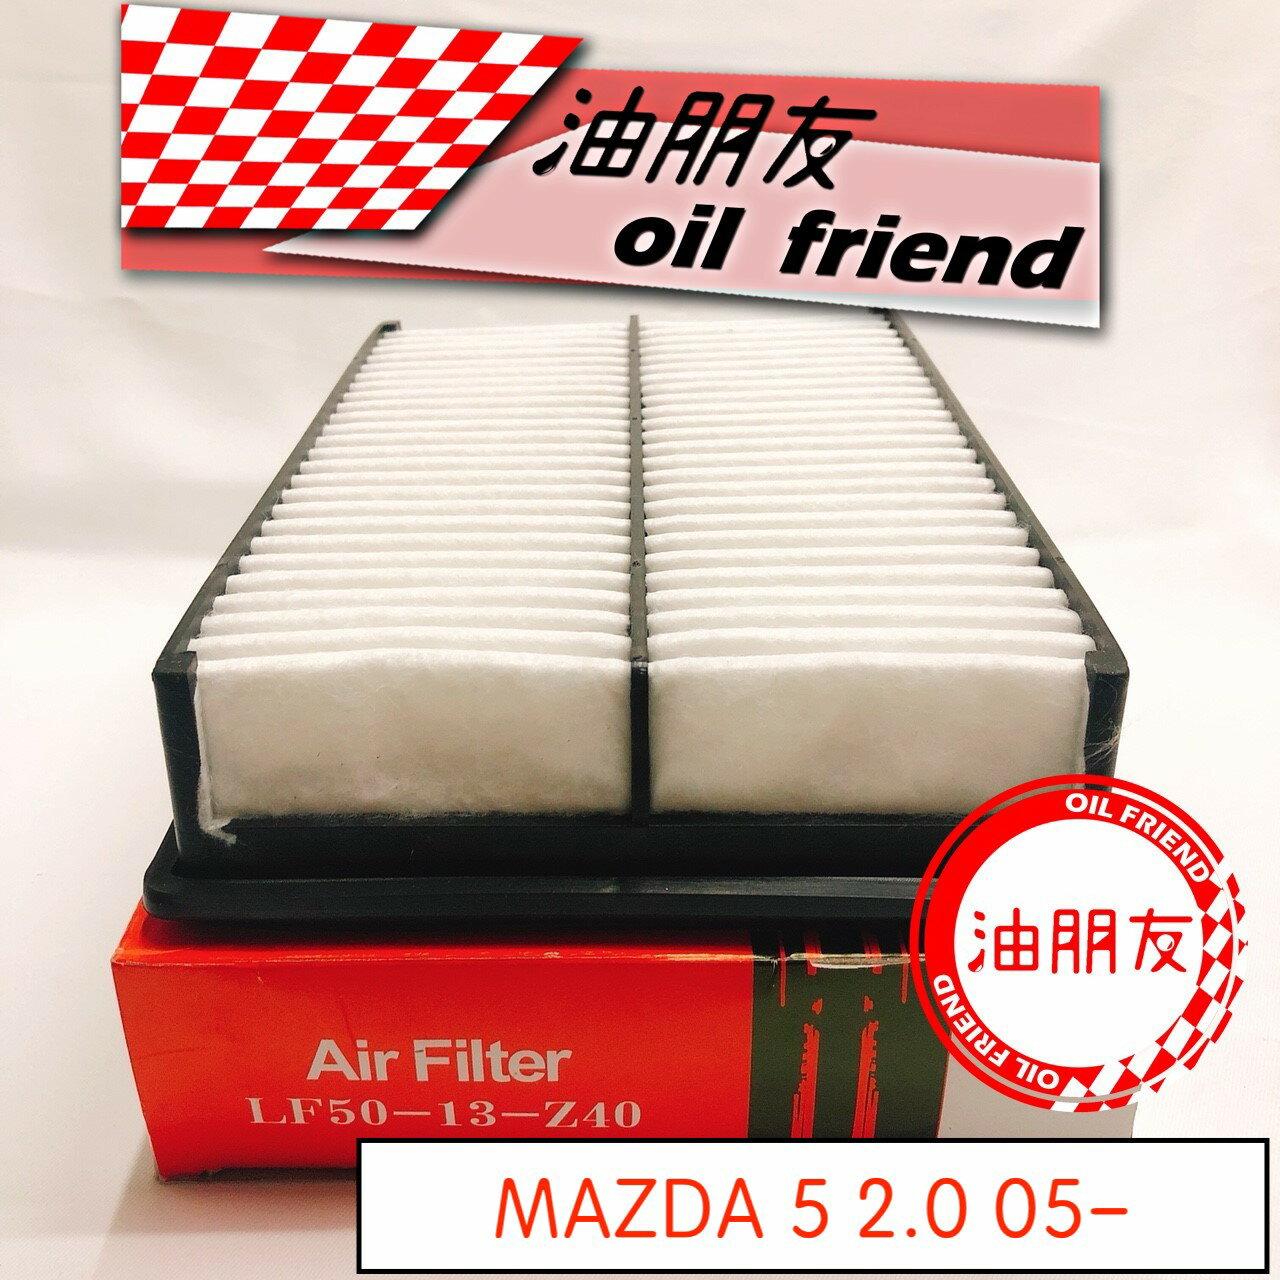 -油朋友-  馬自達 M5 MAZDA5 2.0 05- 14- 空氣濾網 空氣濾芯 空氣芯 空氣心 空濾